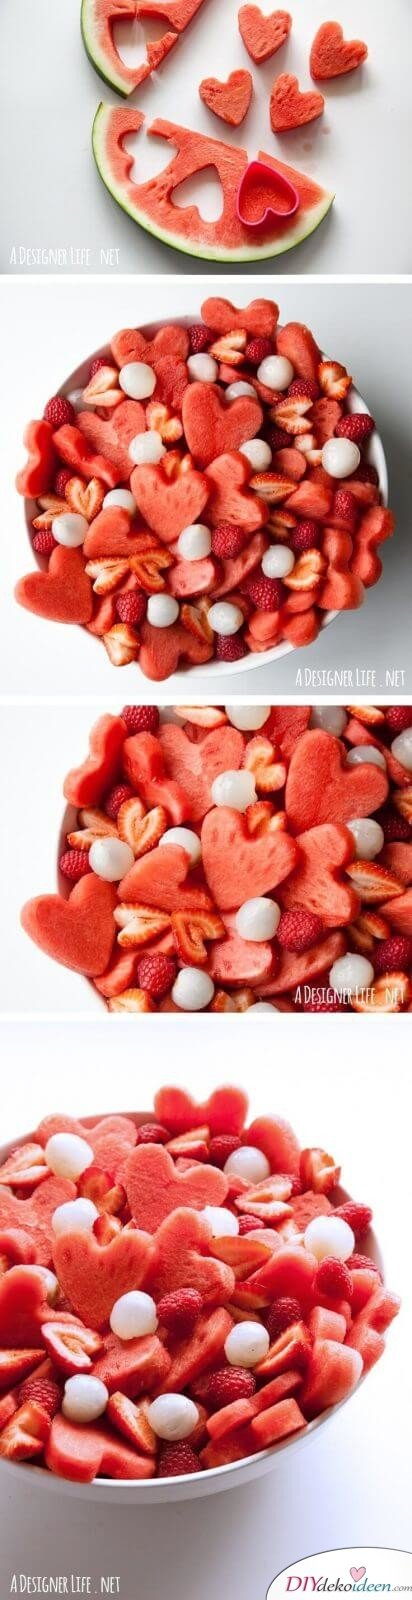 Leckere Rezepte zum Valentinstag - Obstsalat mit Melonen-Herzen